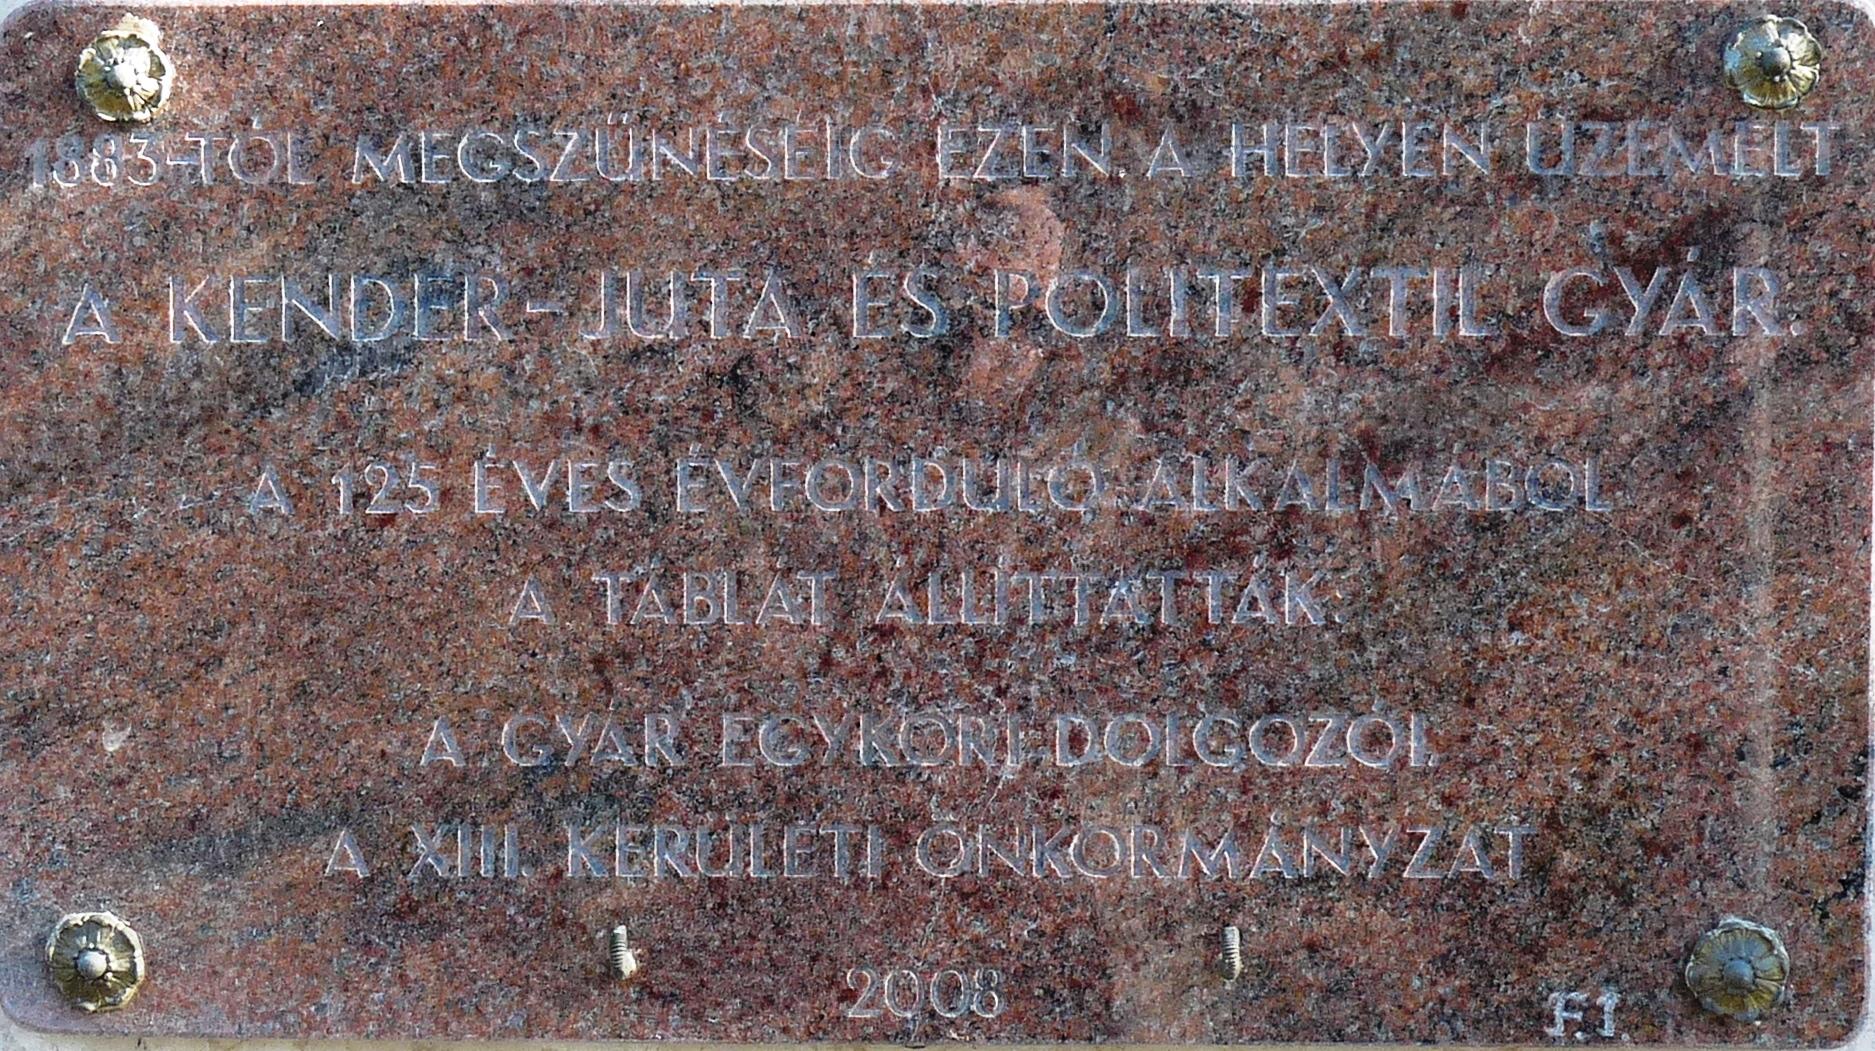 Kender-Juta&PolitextilGyár_Váci191.jpg